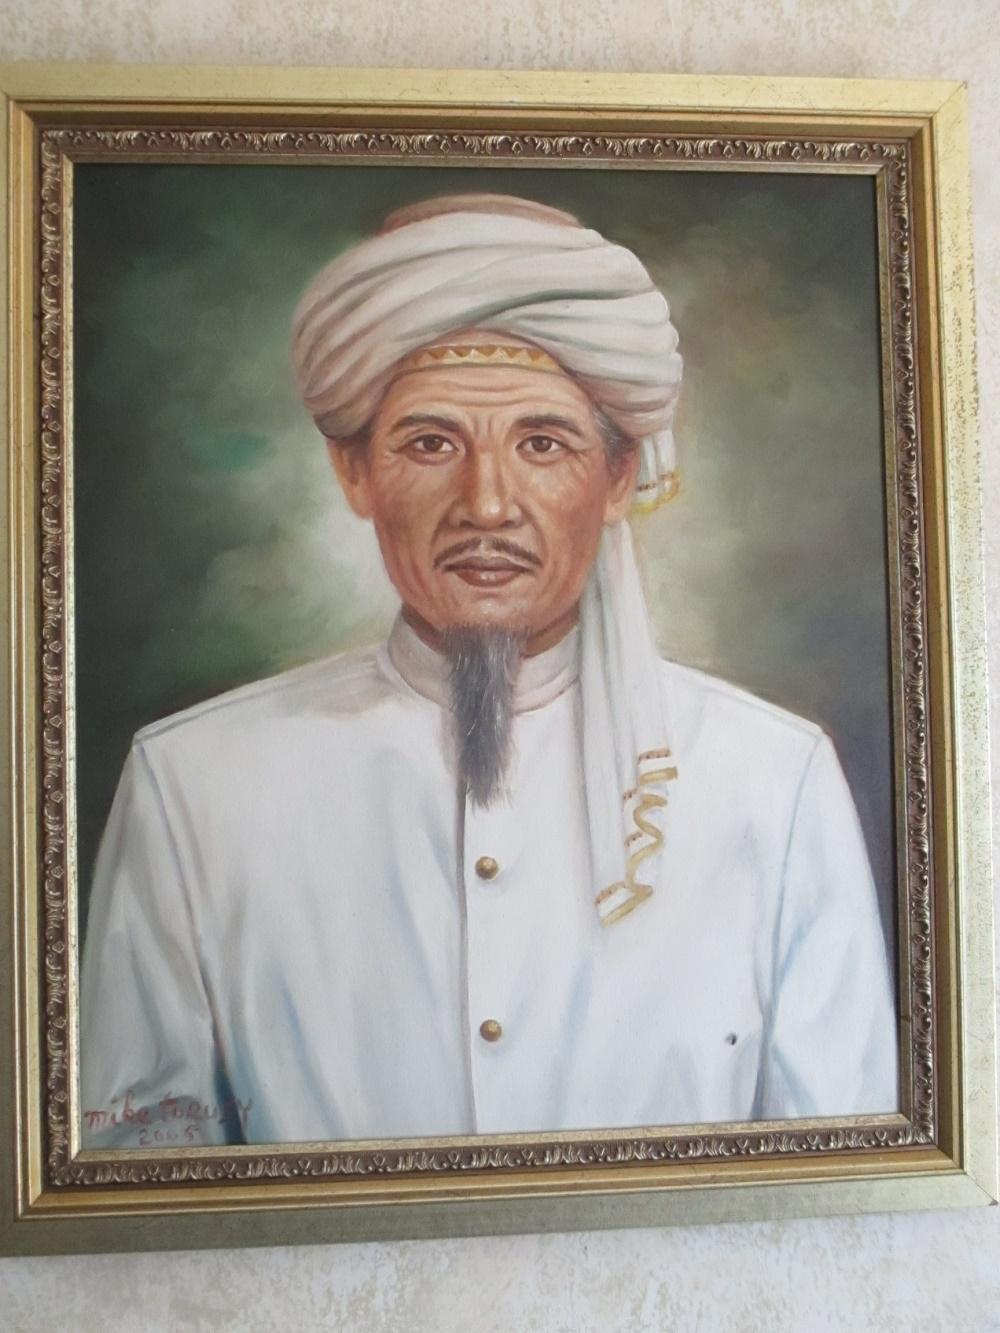 Mengenal Pahlawan Dua Negara Lintas Benua; Syekh Yusuf Al Maqassari